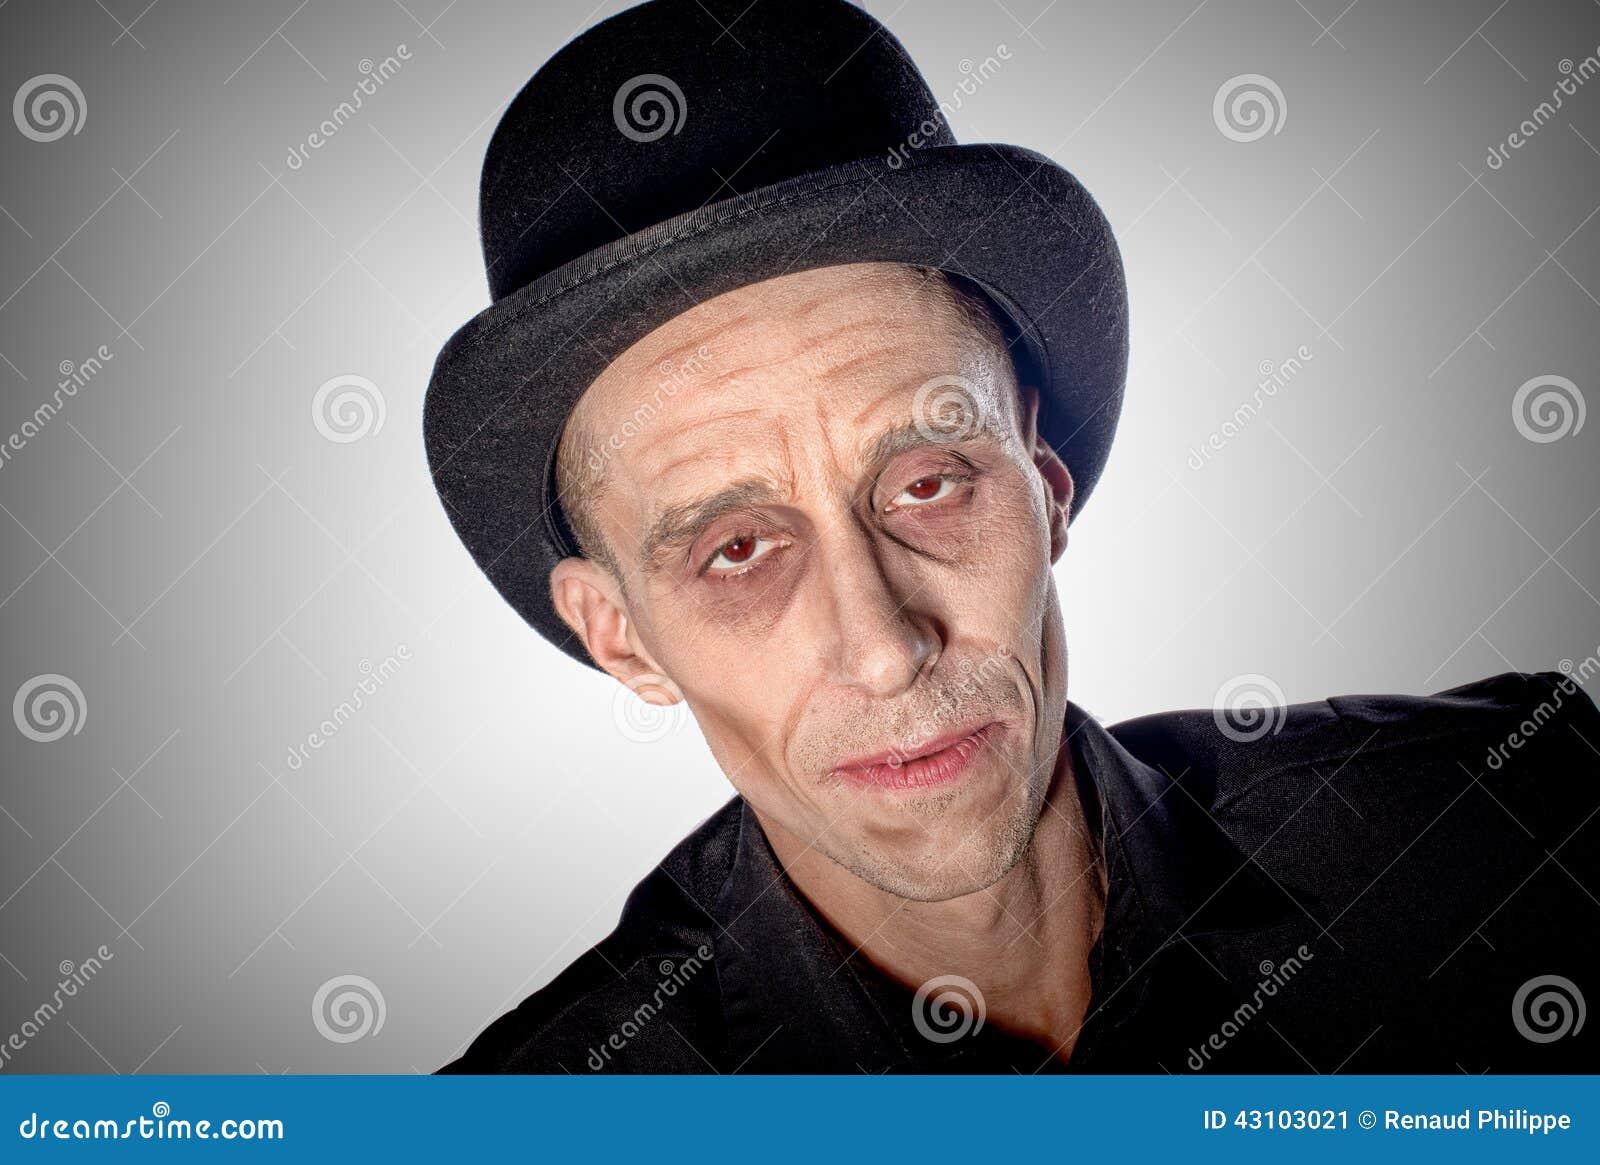 L homme s est habillé comme Dracula pour le Halloween